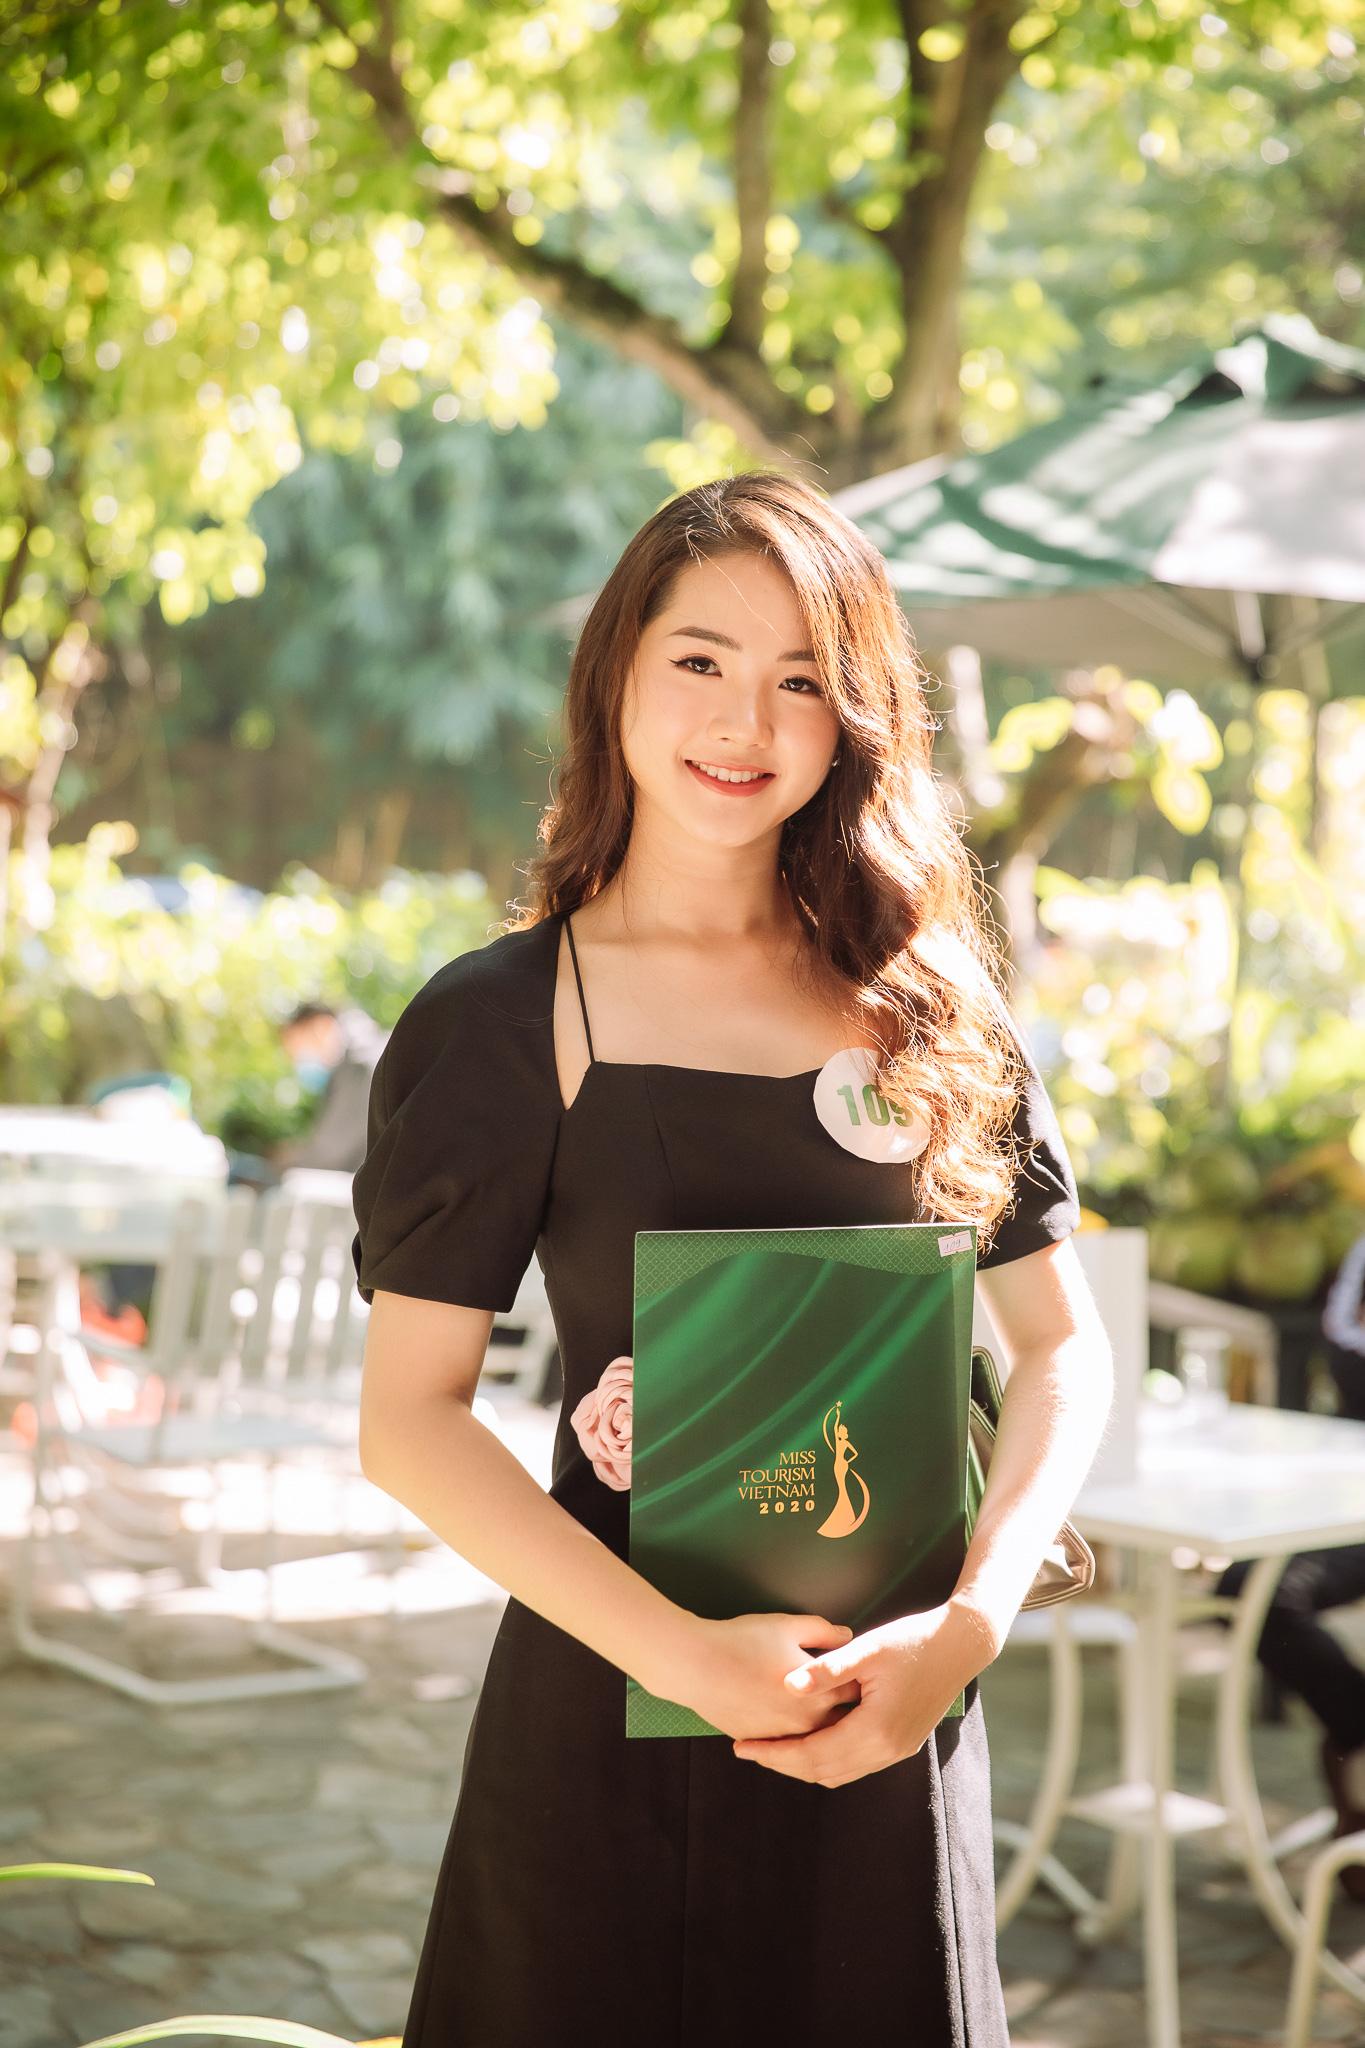 Hoa hậu Khánh Ngân và Ngọc Hân cùng làm ban giám khảo Miss Tourism Vietnam 2020 - Ảnh 1.